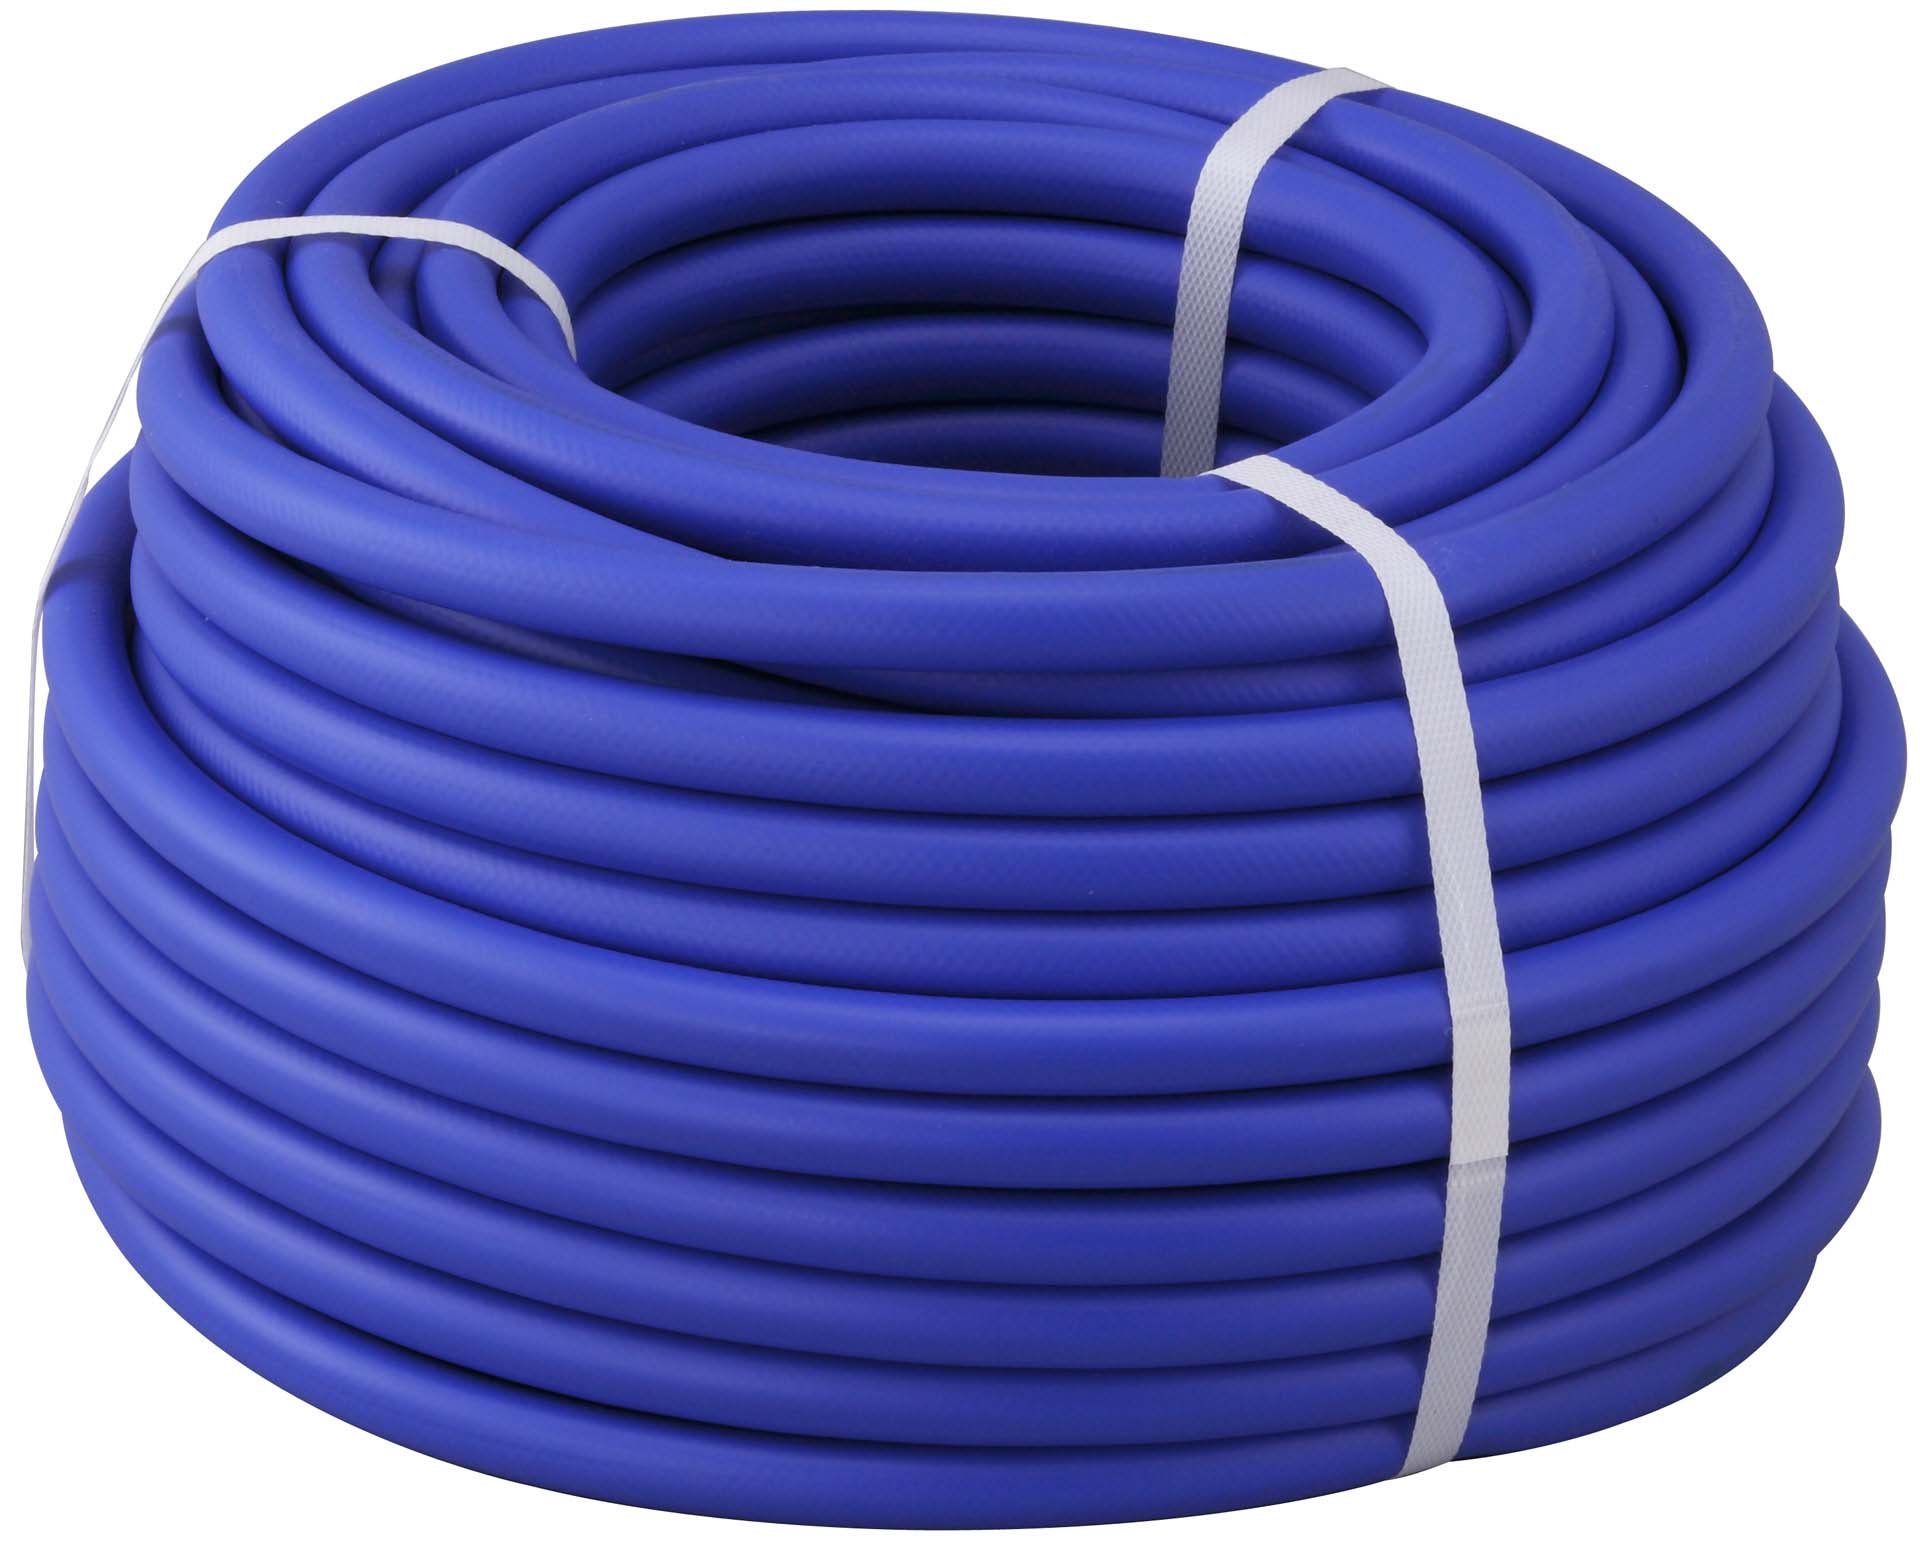 Premium hose